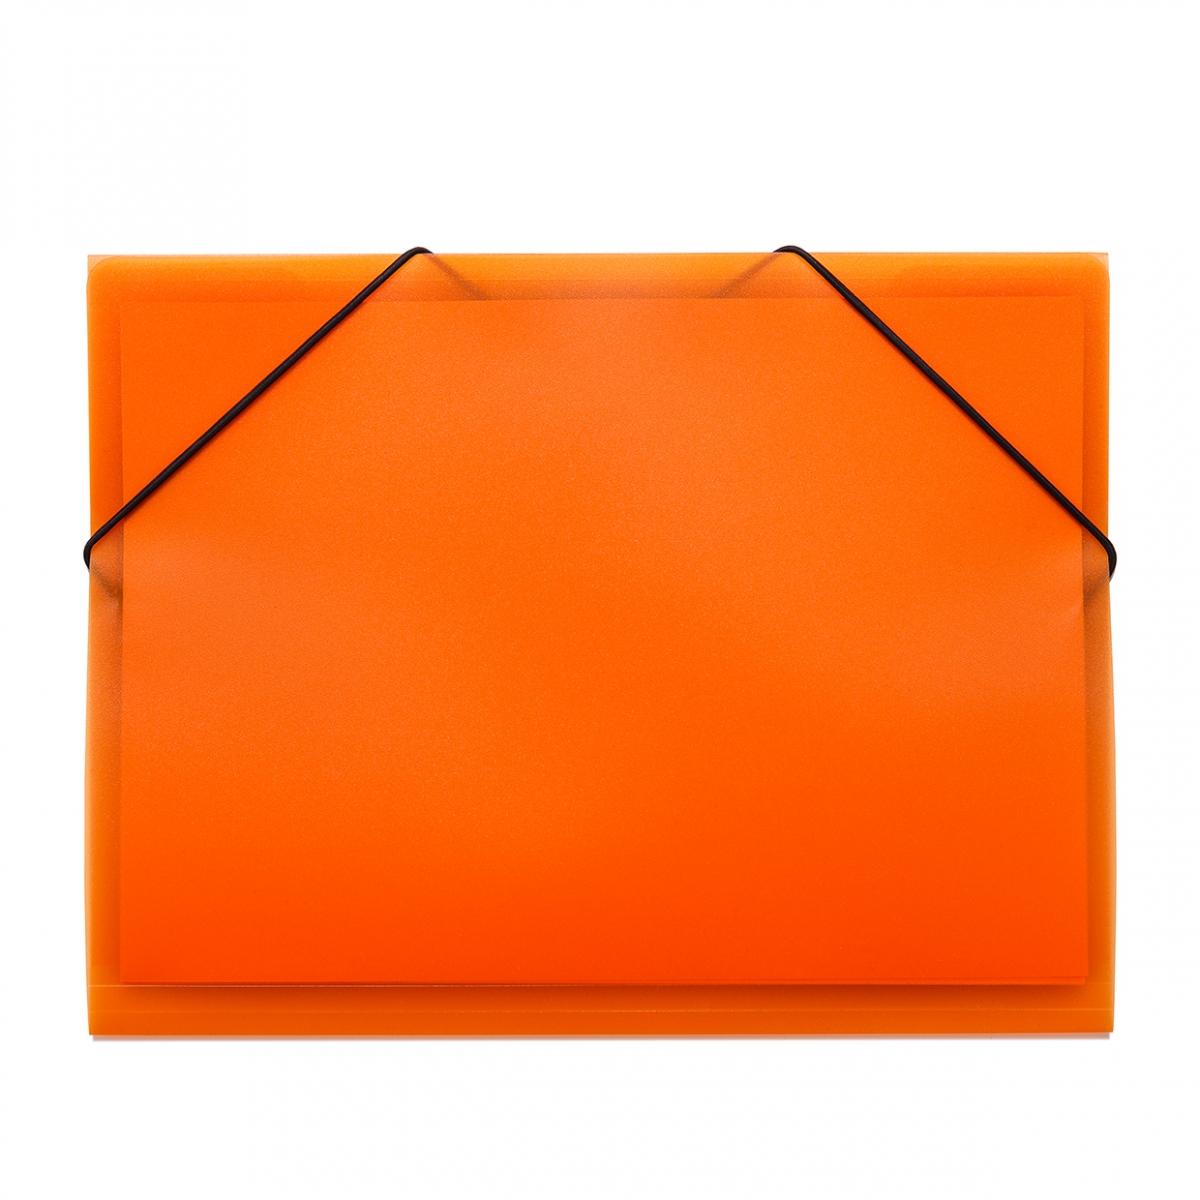 Imagen en la que aparece una carpeta para guardar documentos